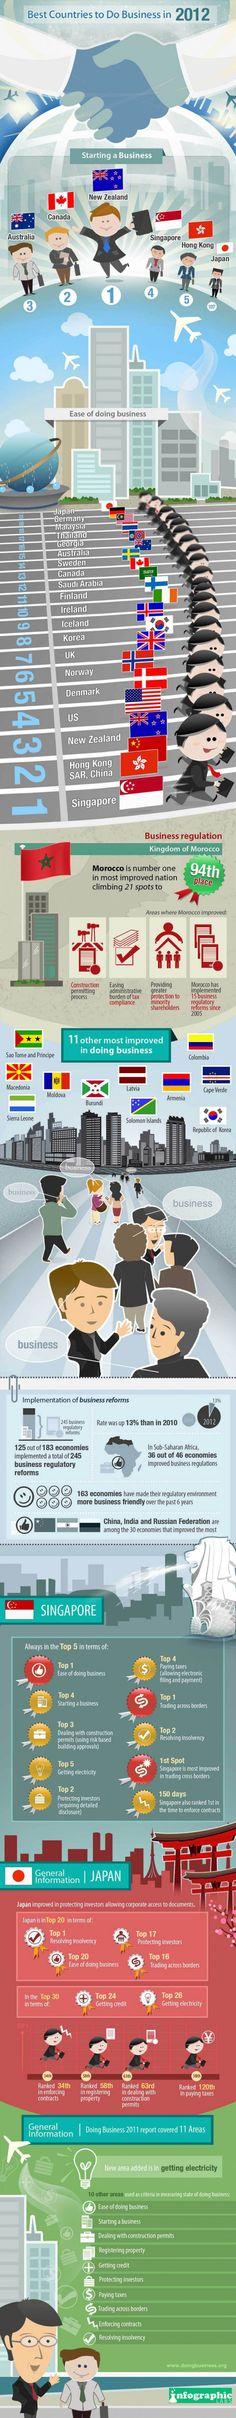 Infografía: Los mejores sitios en el mundo para hacer negocios en 2012